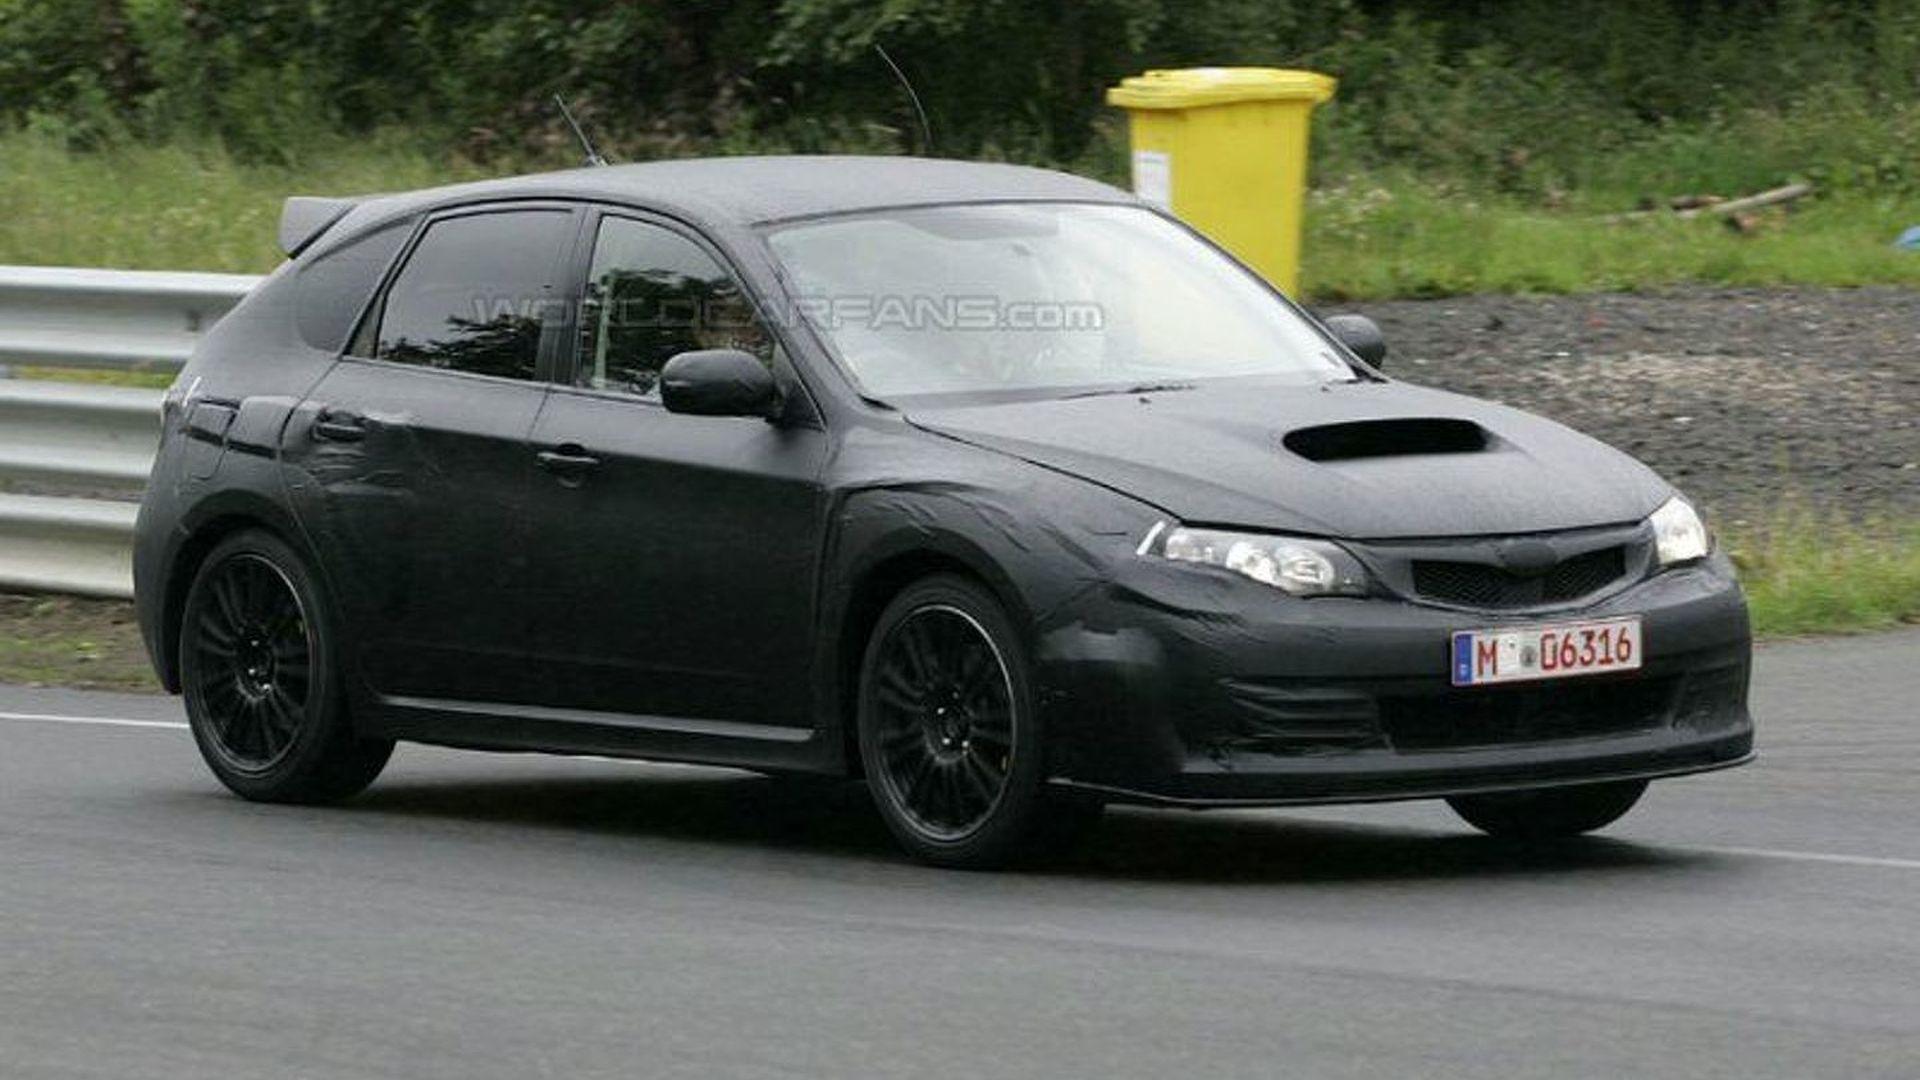 Subaru Impreza Wrx Sti Hatchback Spy Photos